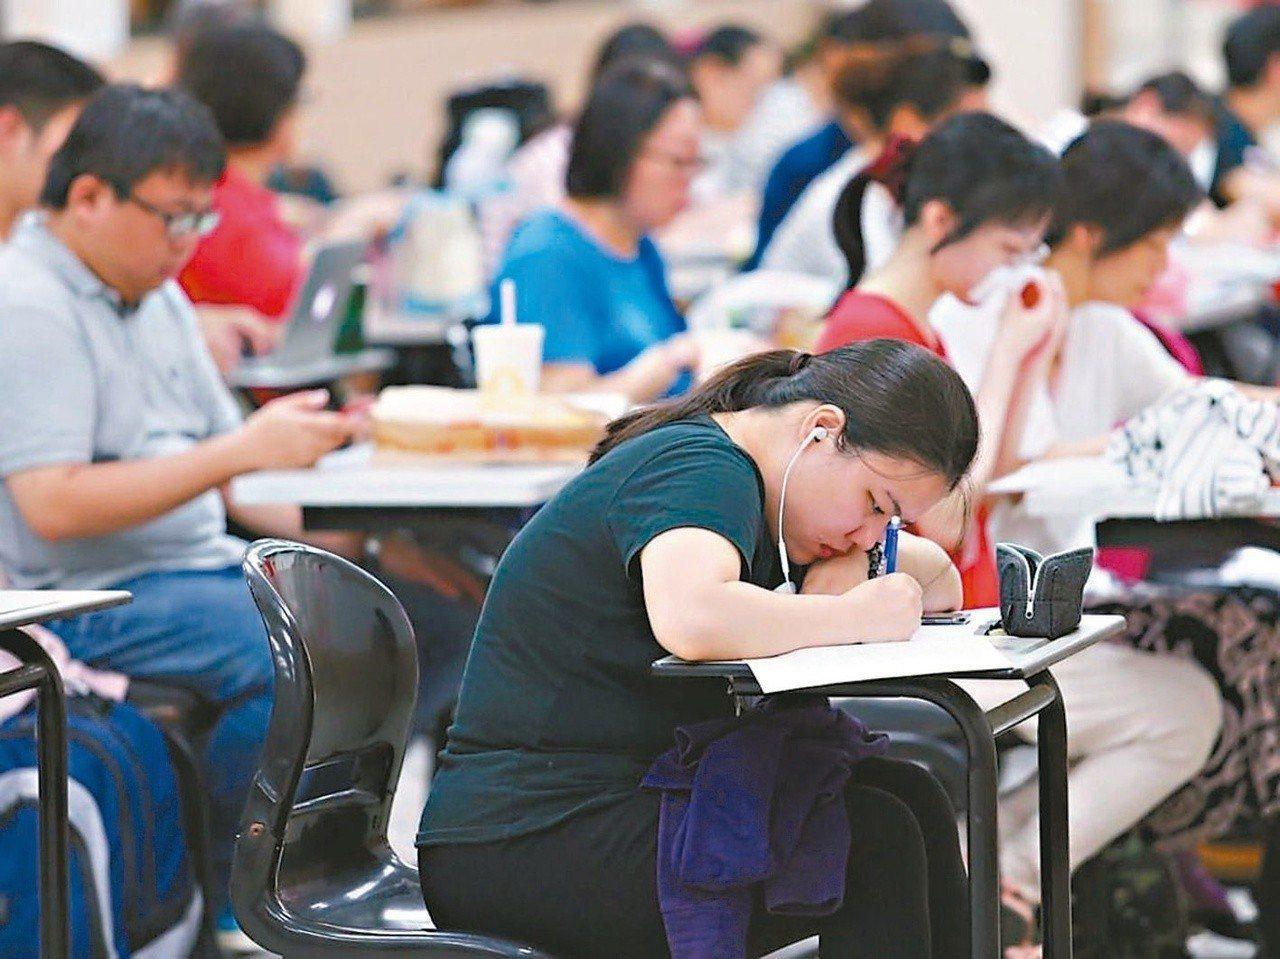 因應公務人員職系調整,高普考考試類科也將減少。 圖/聯合報系資料照片